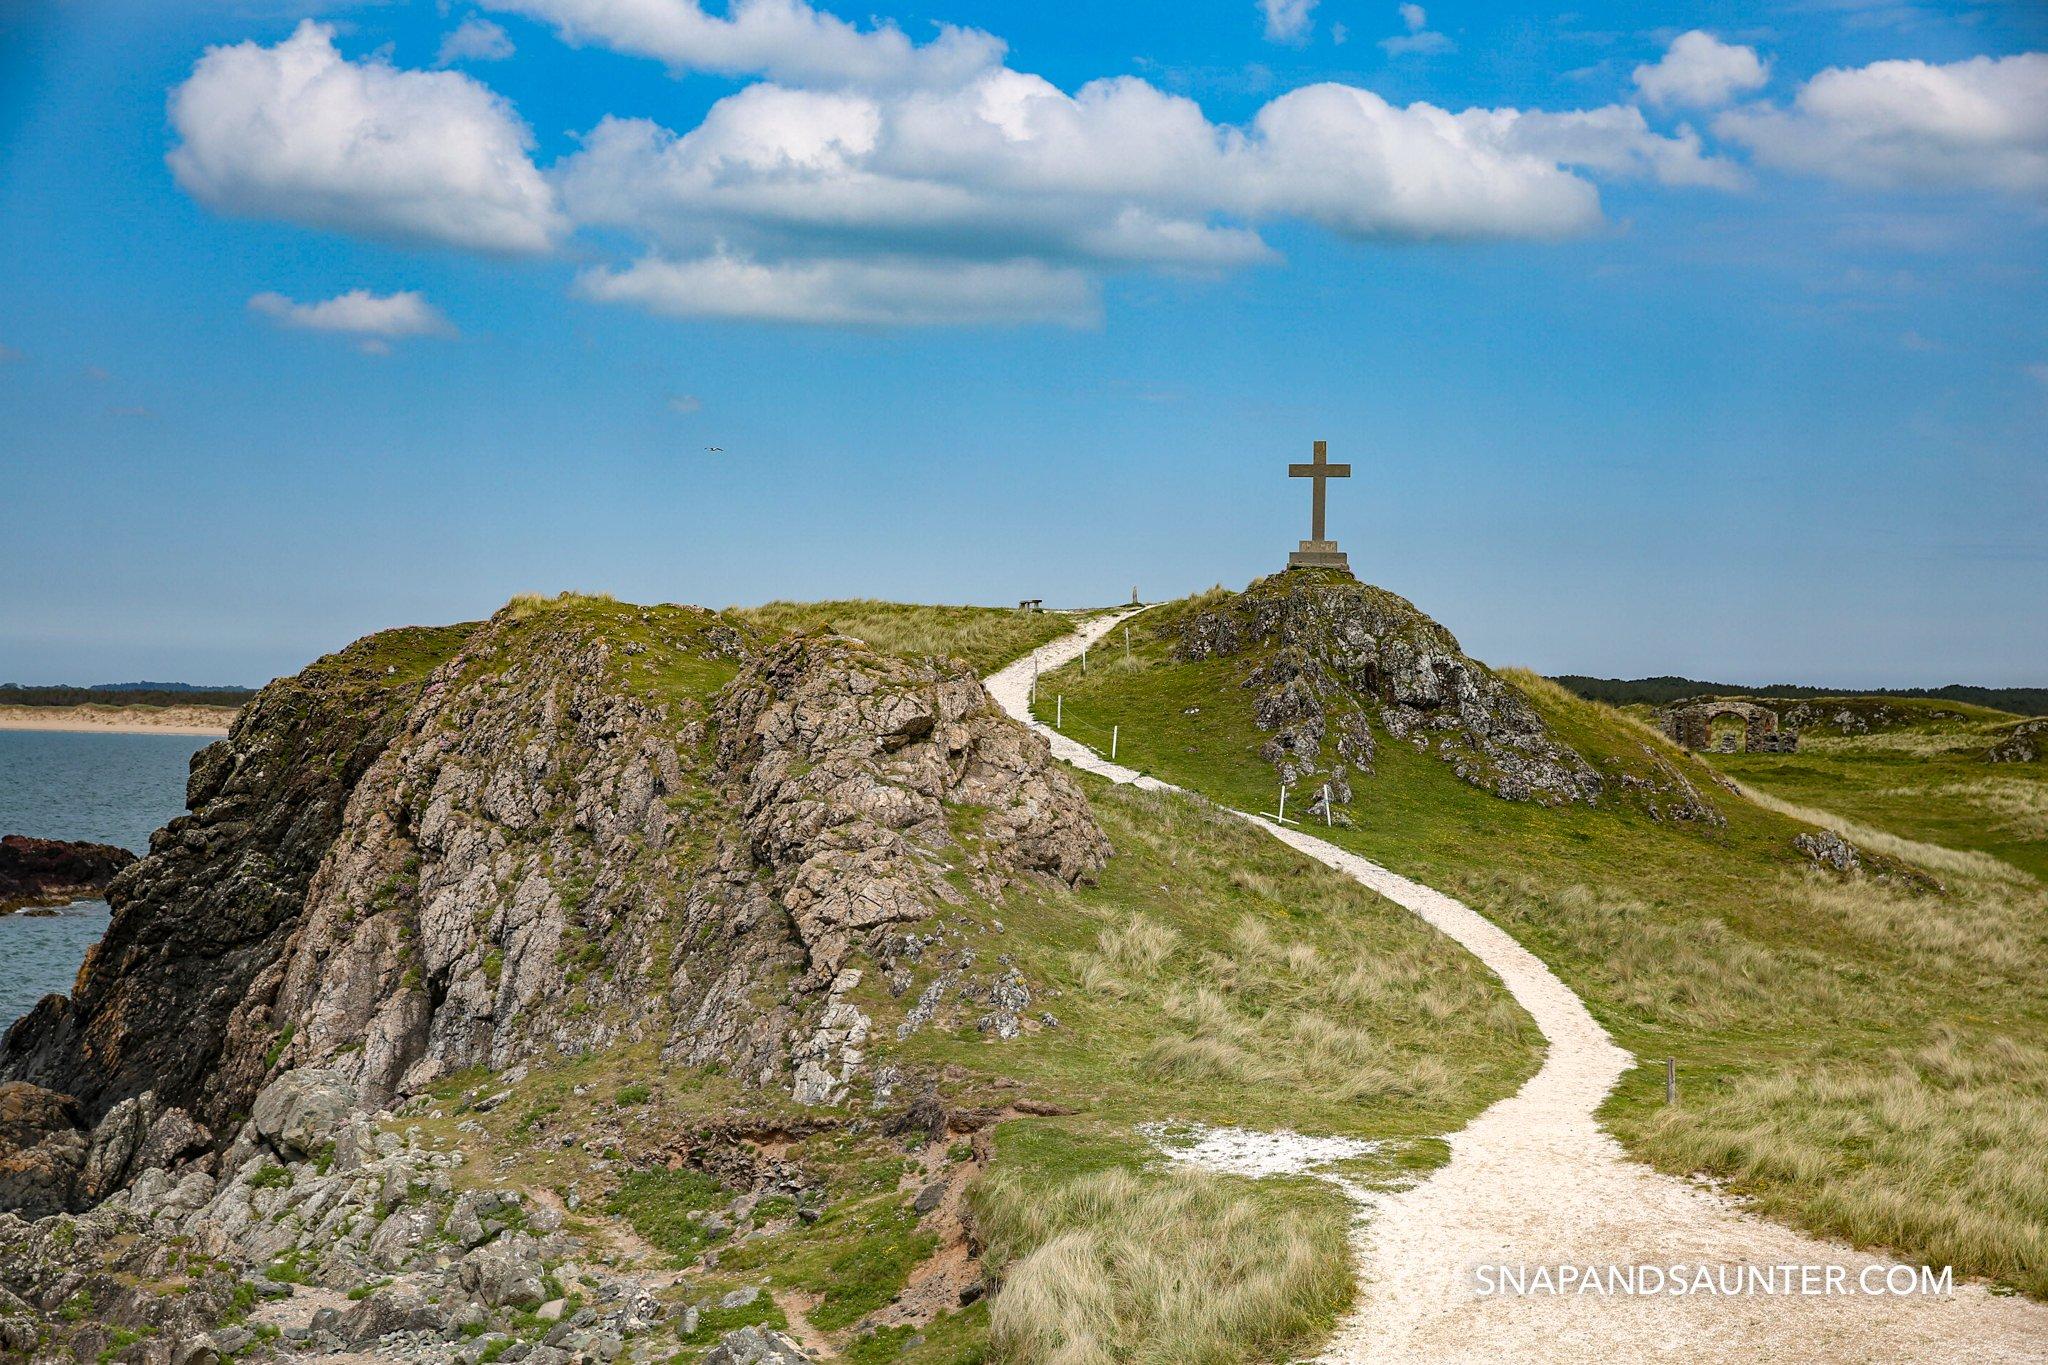 Cross on Llandwyn Island in Anglesey